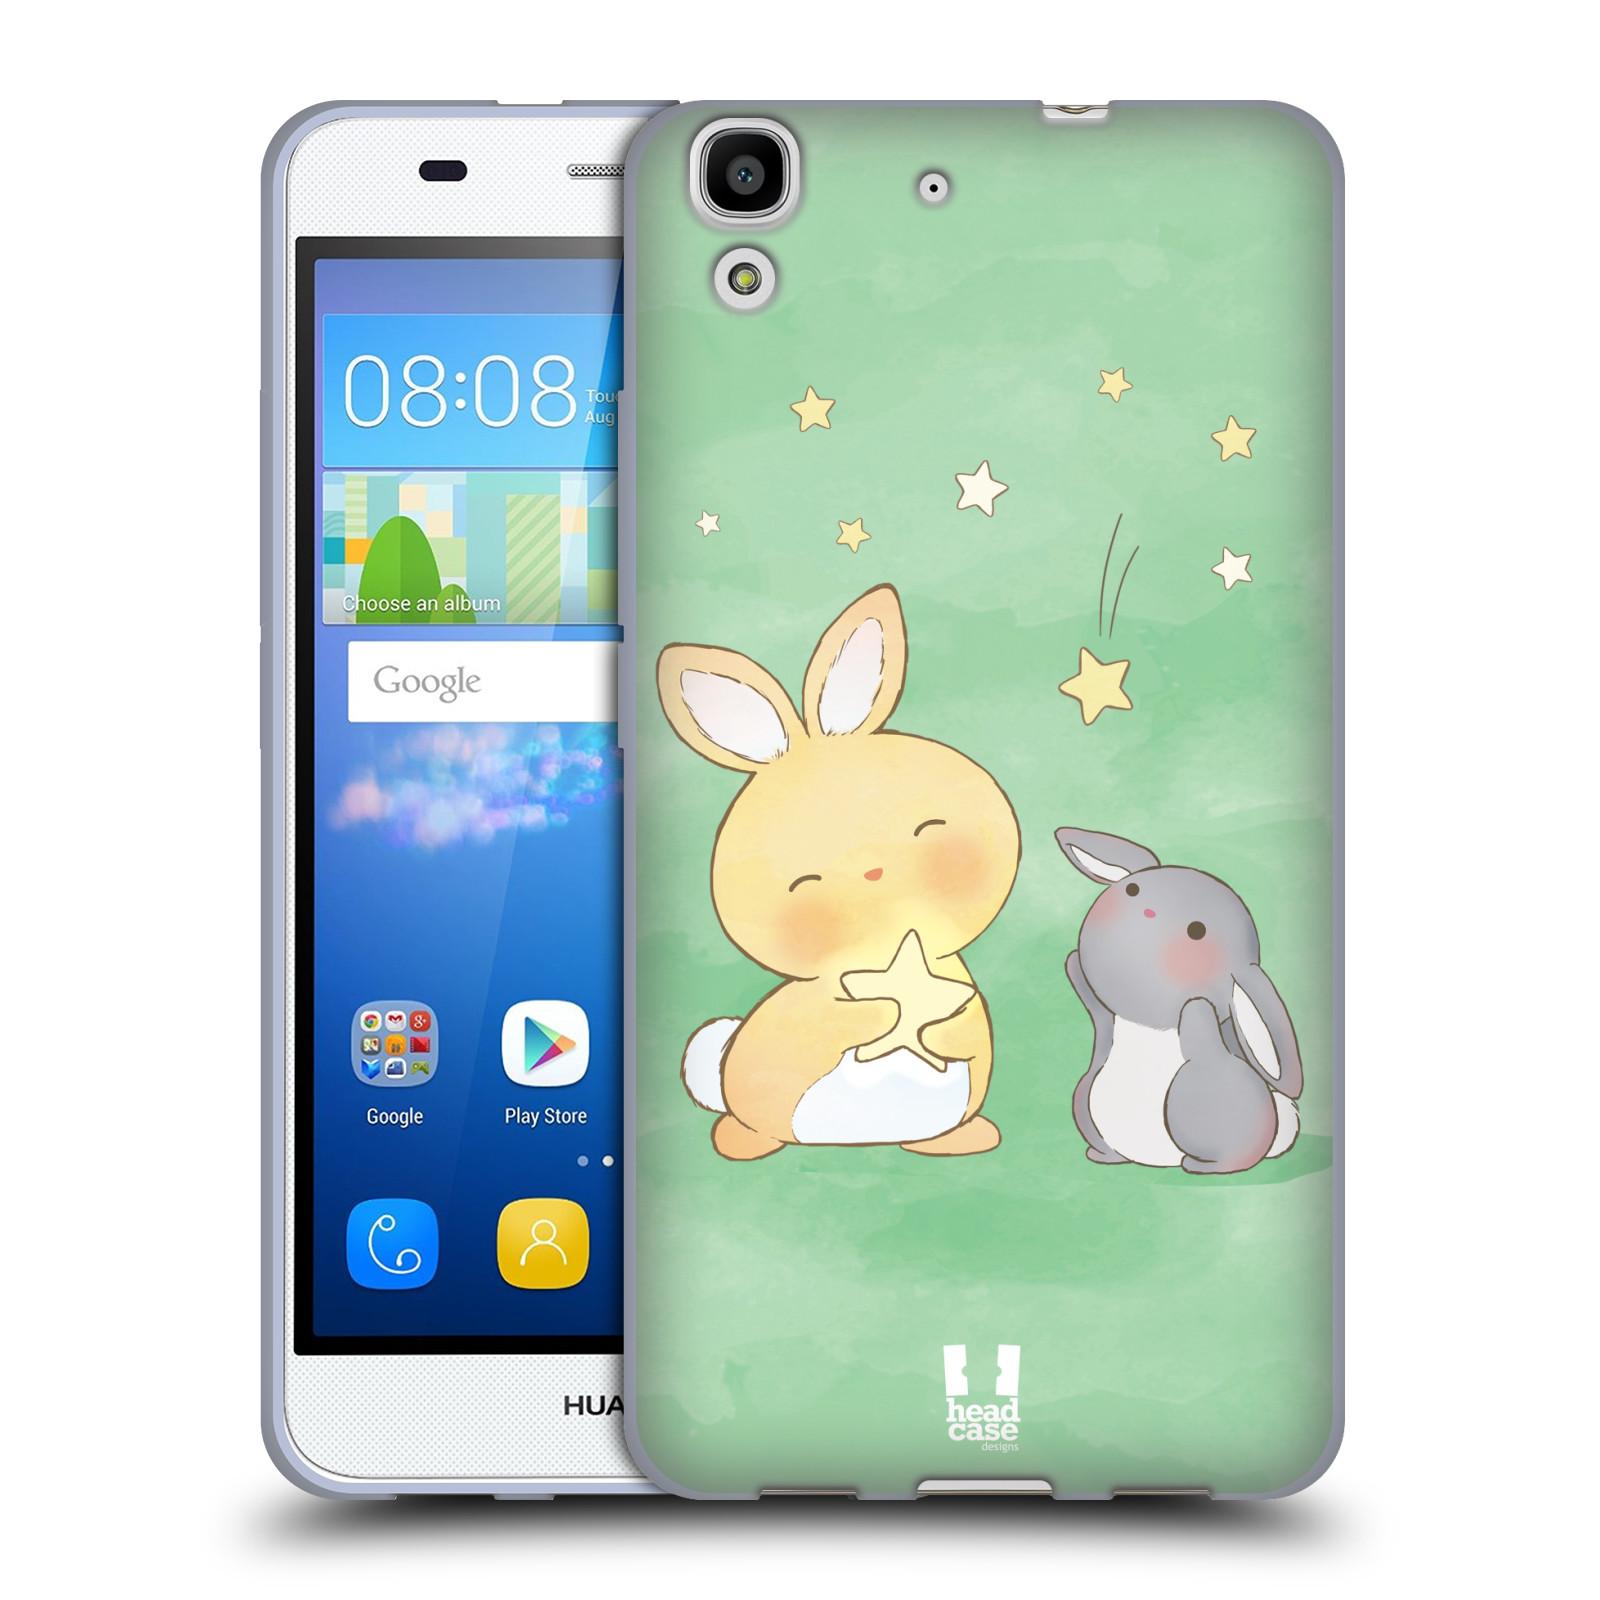 HEAD CASE silikonový obal na mobil HUAWEI Y6 vzor králíček a hvězdy zelená